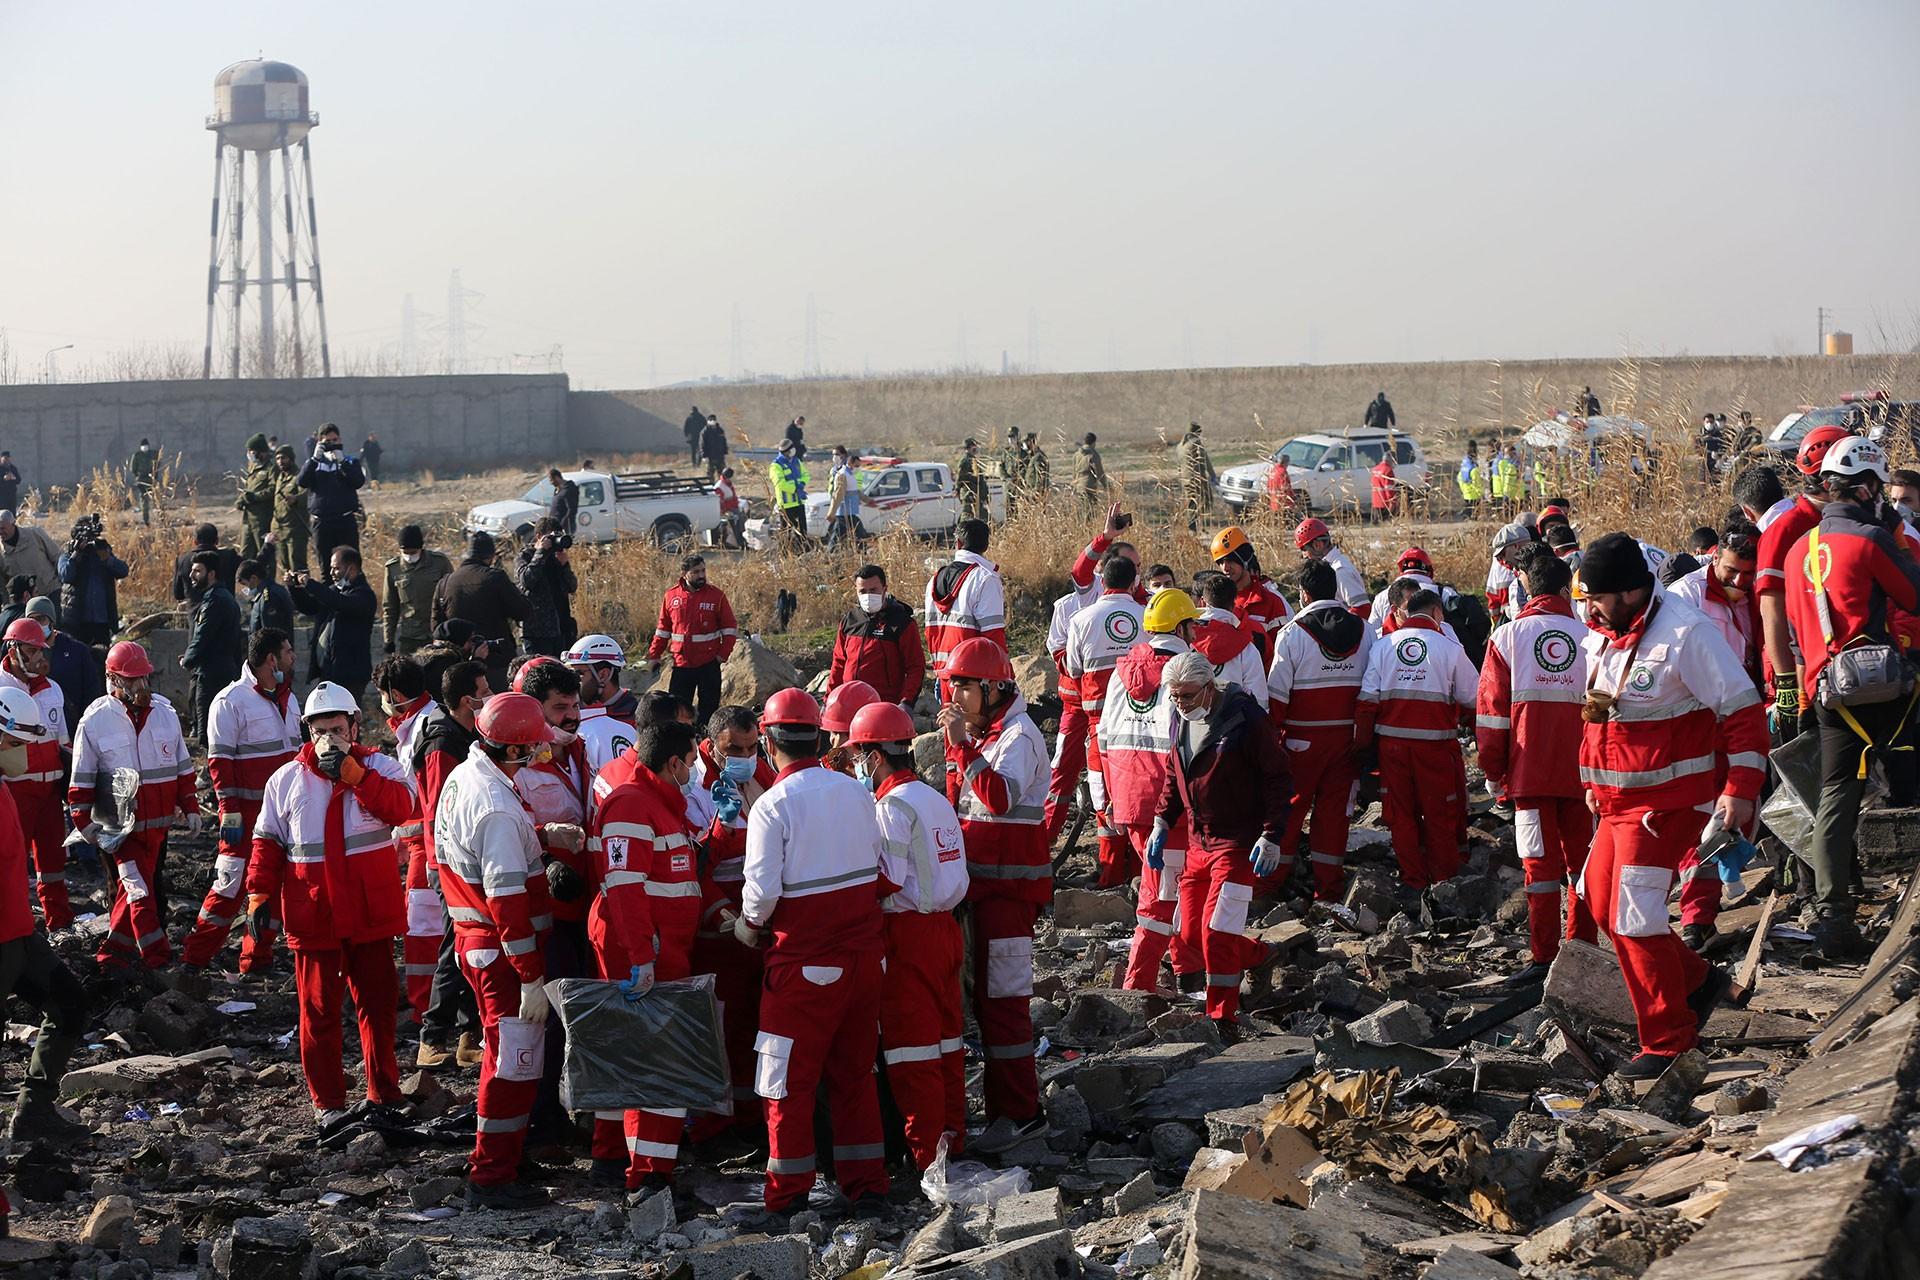 İran'da düşen uçaktaki yolcu ve mürettebata ait ceset parçaları toplandı